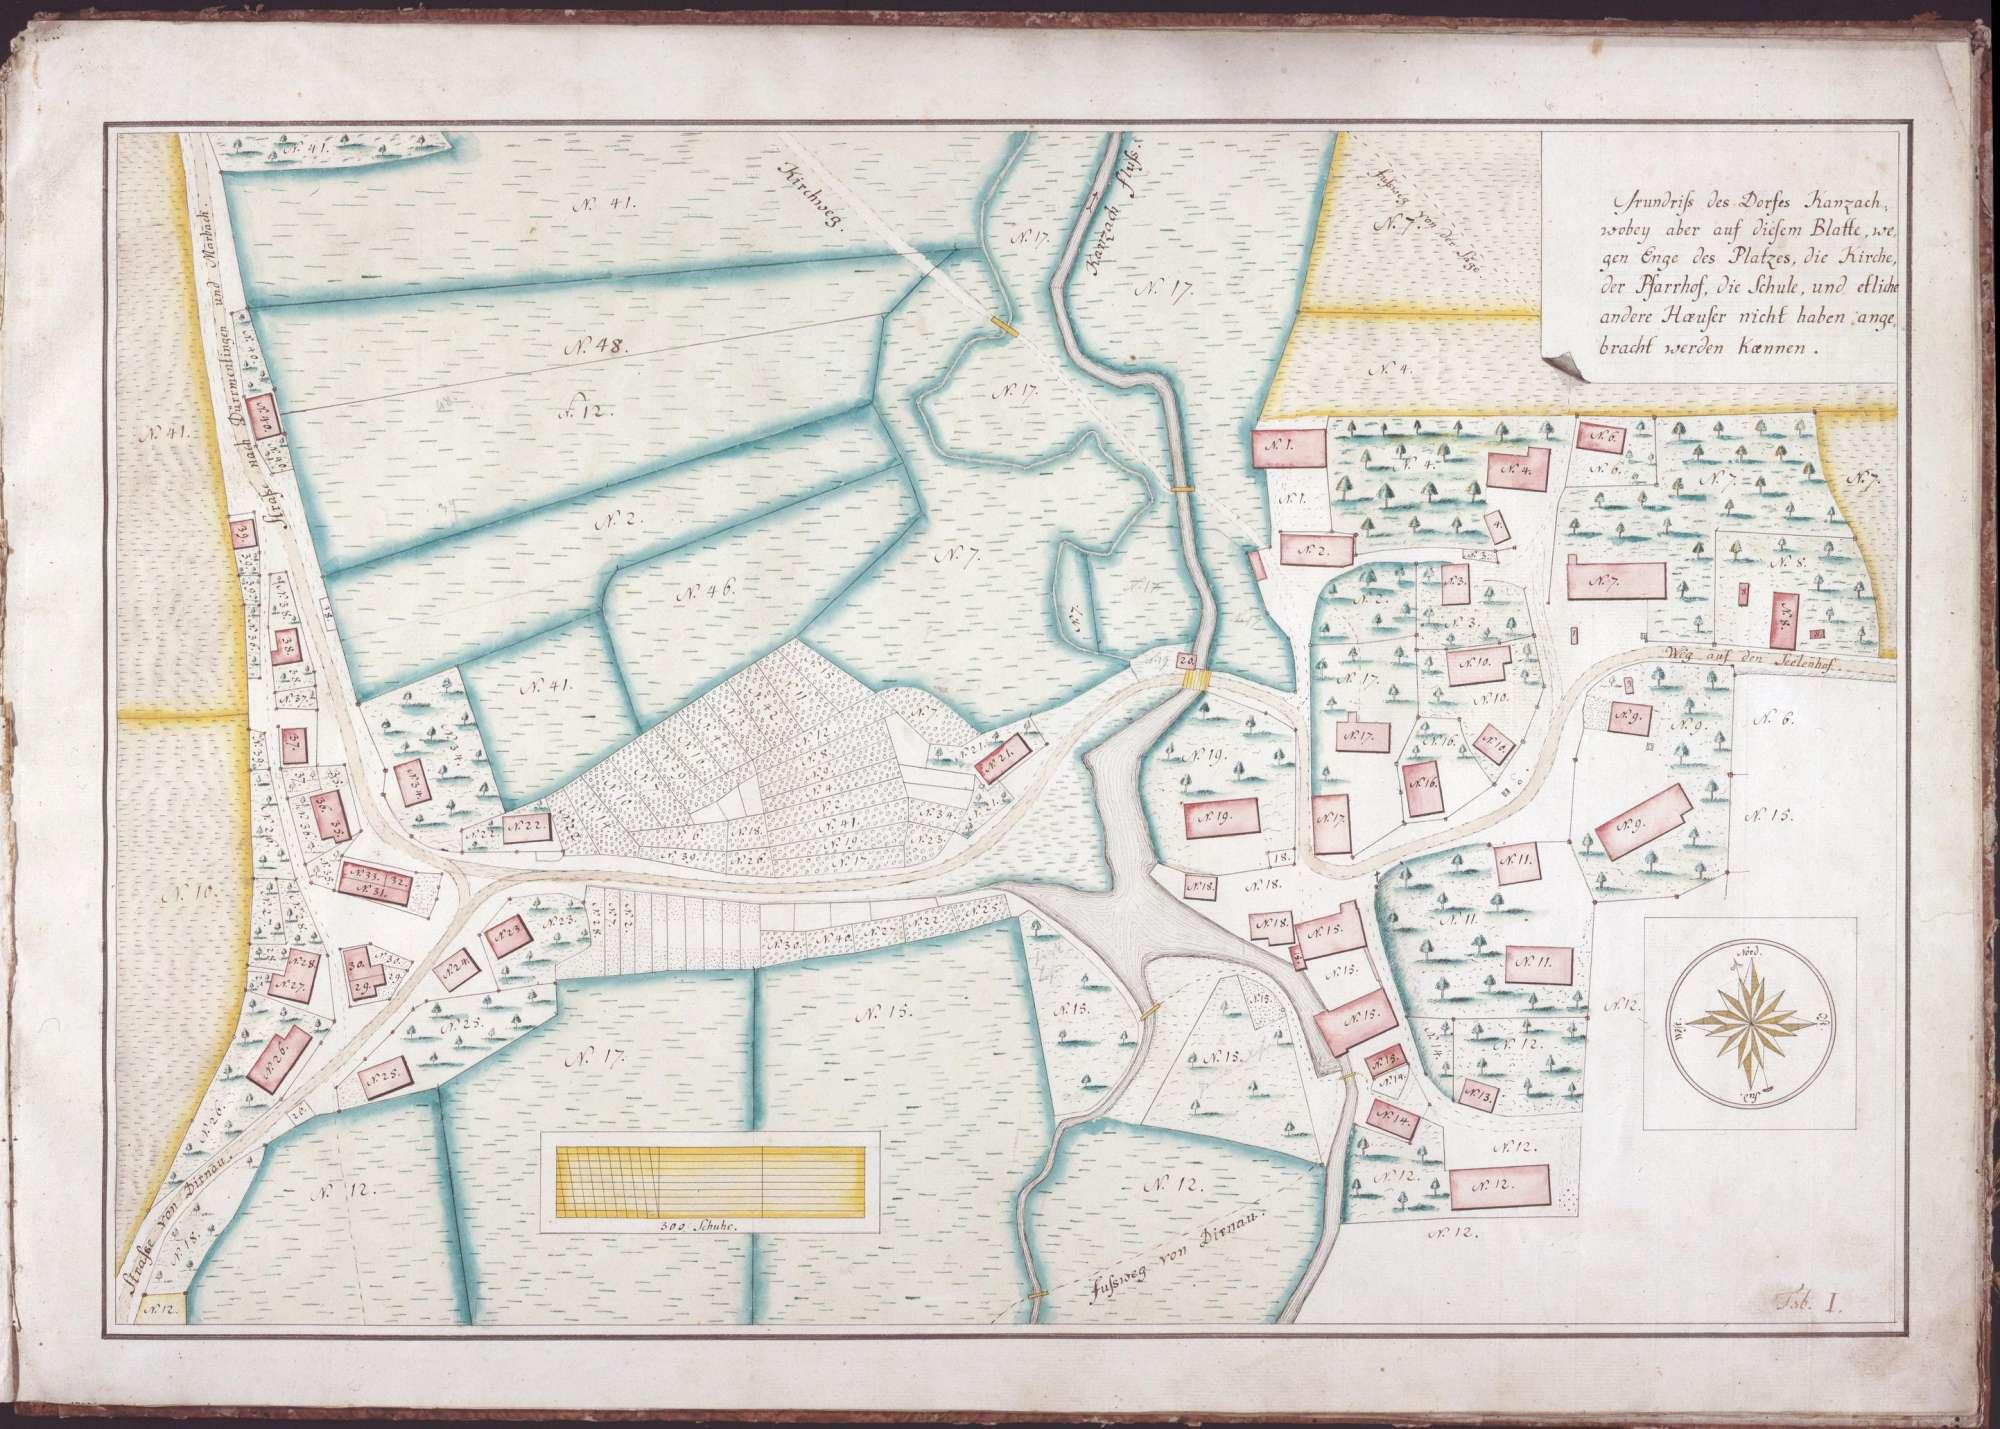 Forst- und Jurisdiktionsbeschreibung von Kanzach 11 Zeichnungen in einer Mappe unterschiedliche Maßstäbe col. handgez., Bild 2